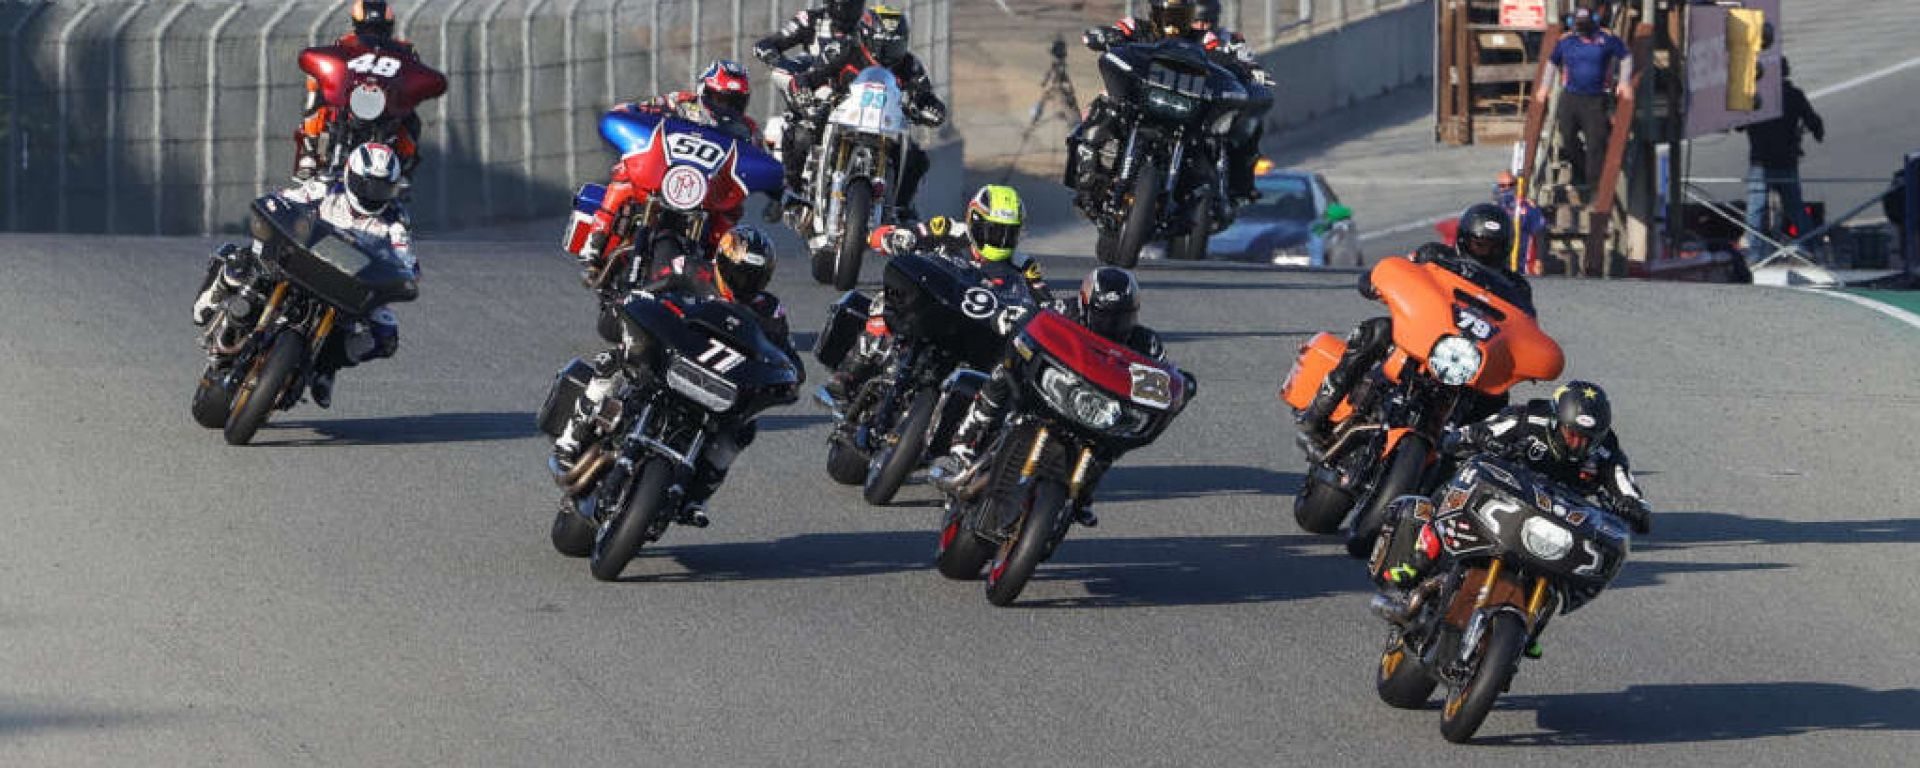 La partenza della prima gara di King of the Baggers a Laguna Seca